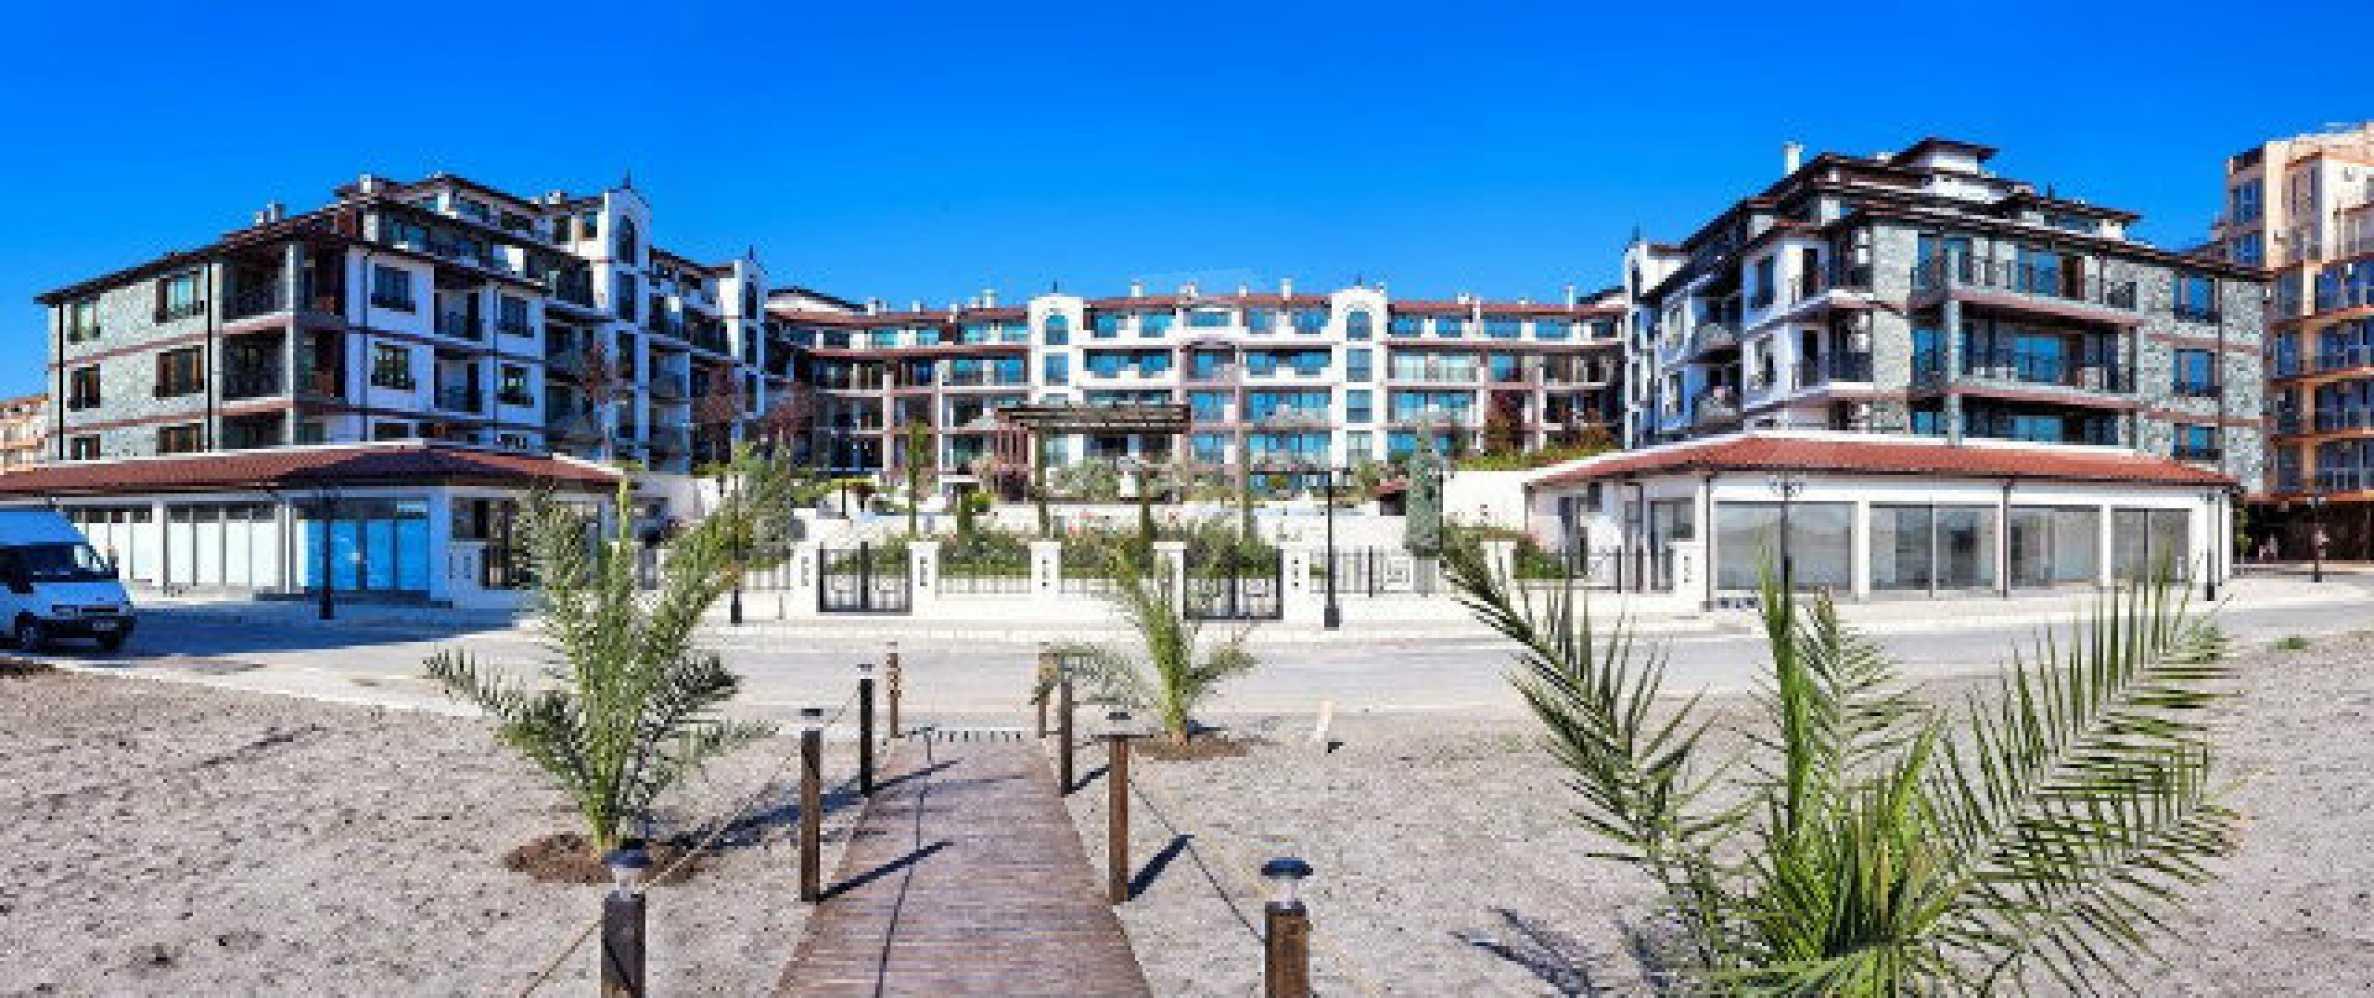 Апартаменти различни типове на метри от плажа 5